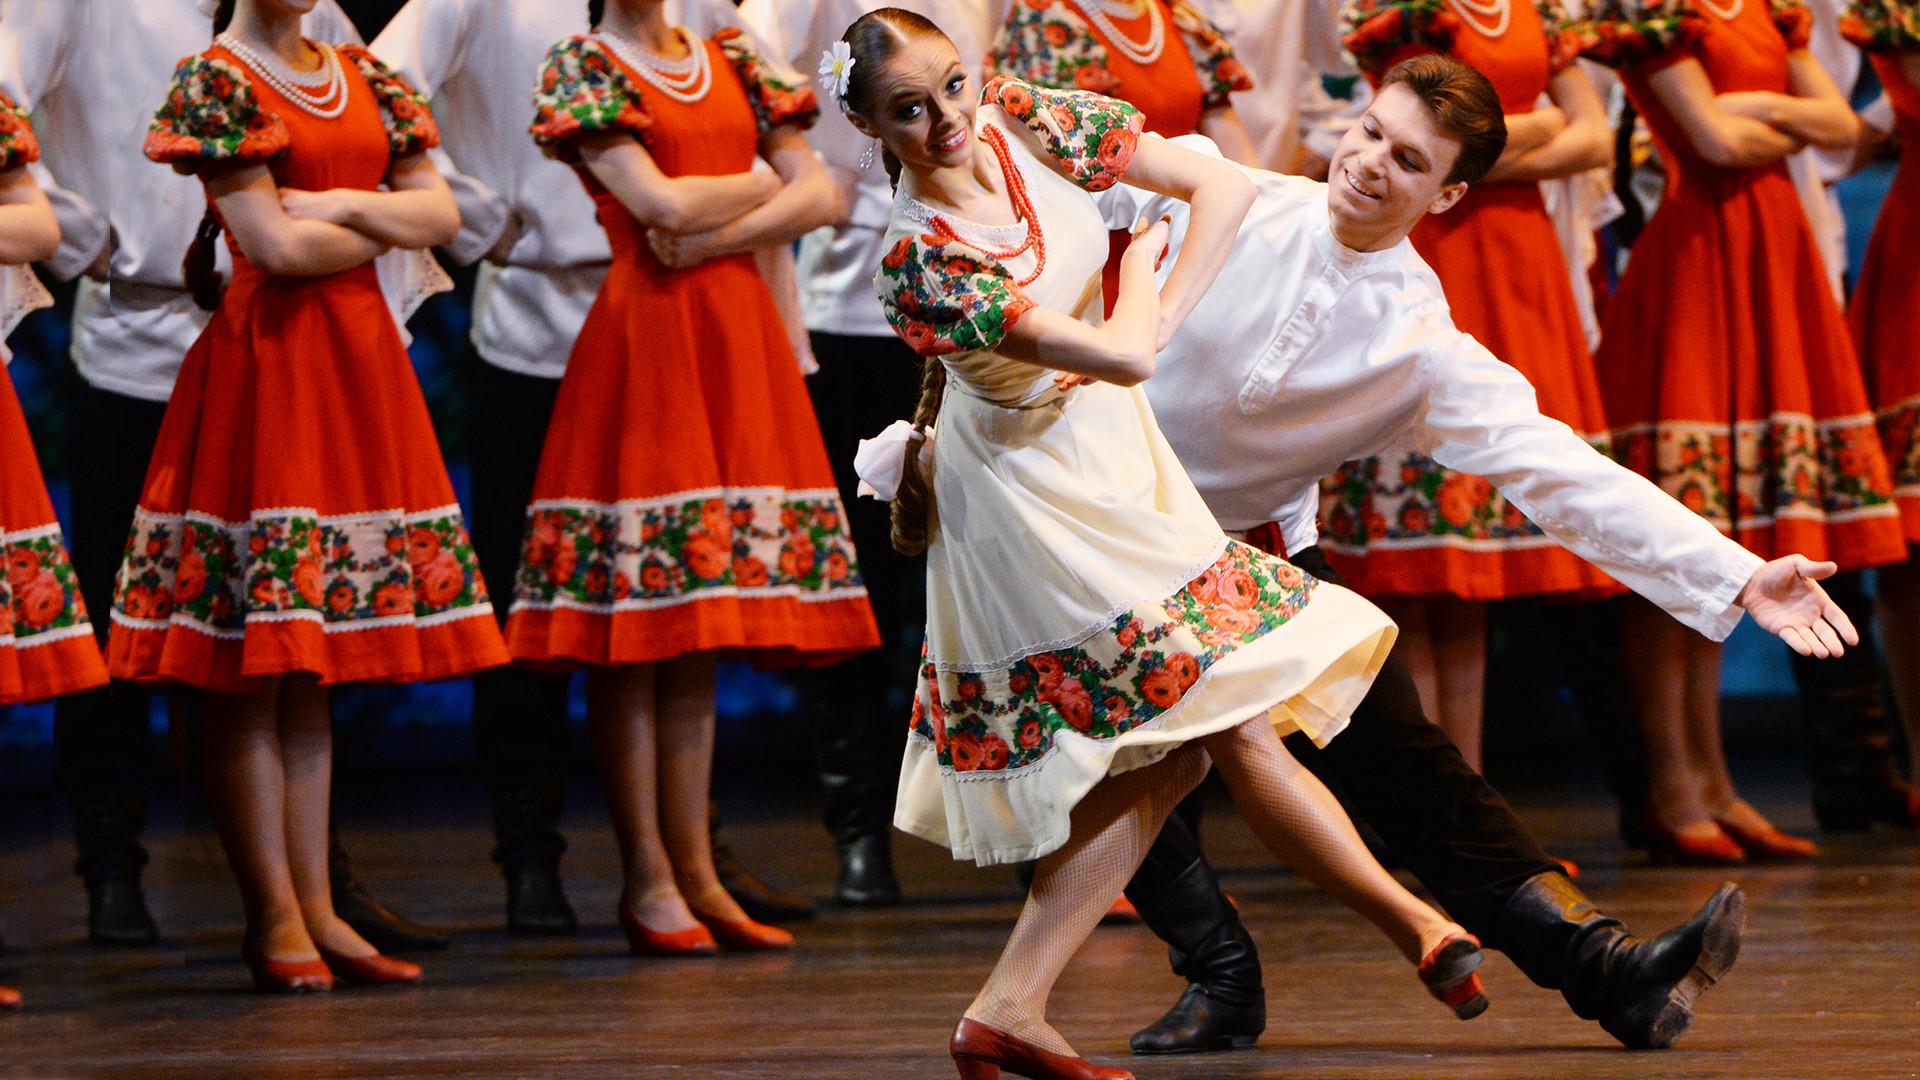 La danza folkloristica russa